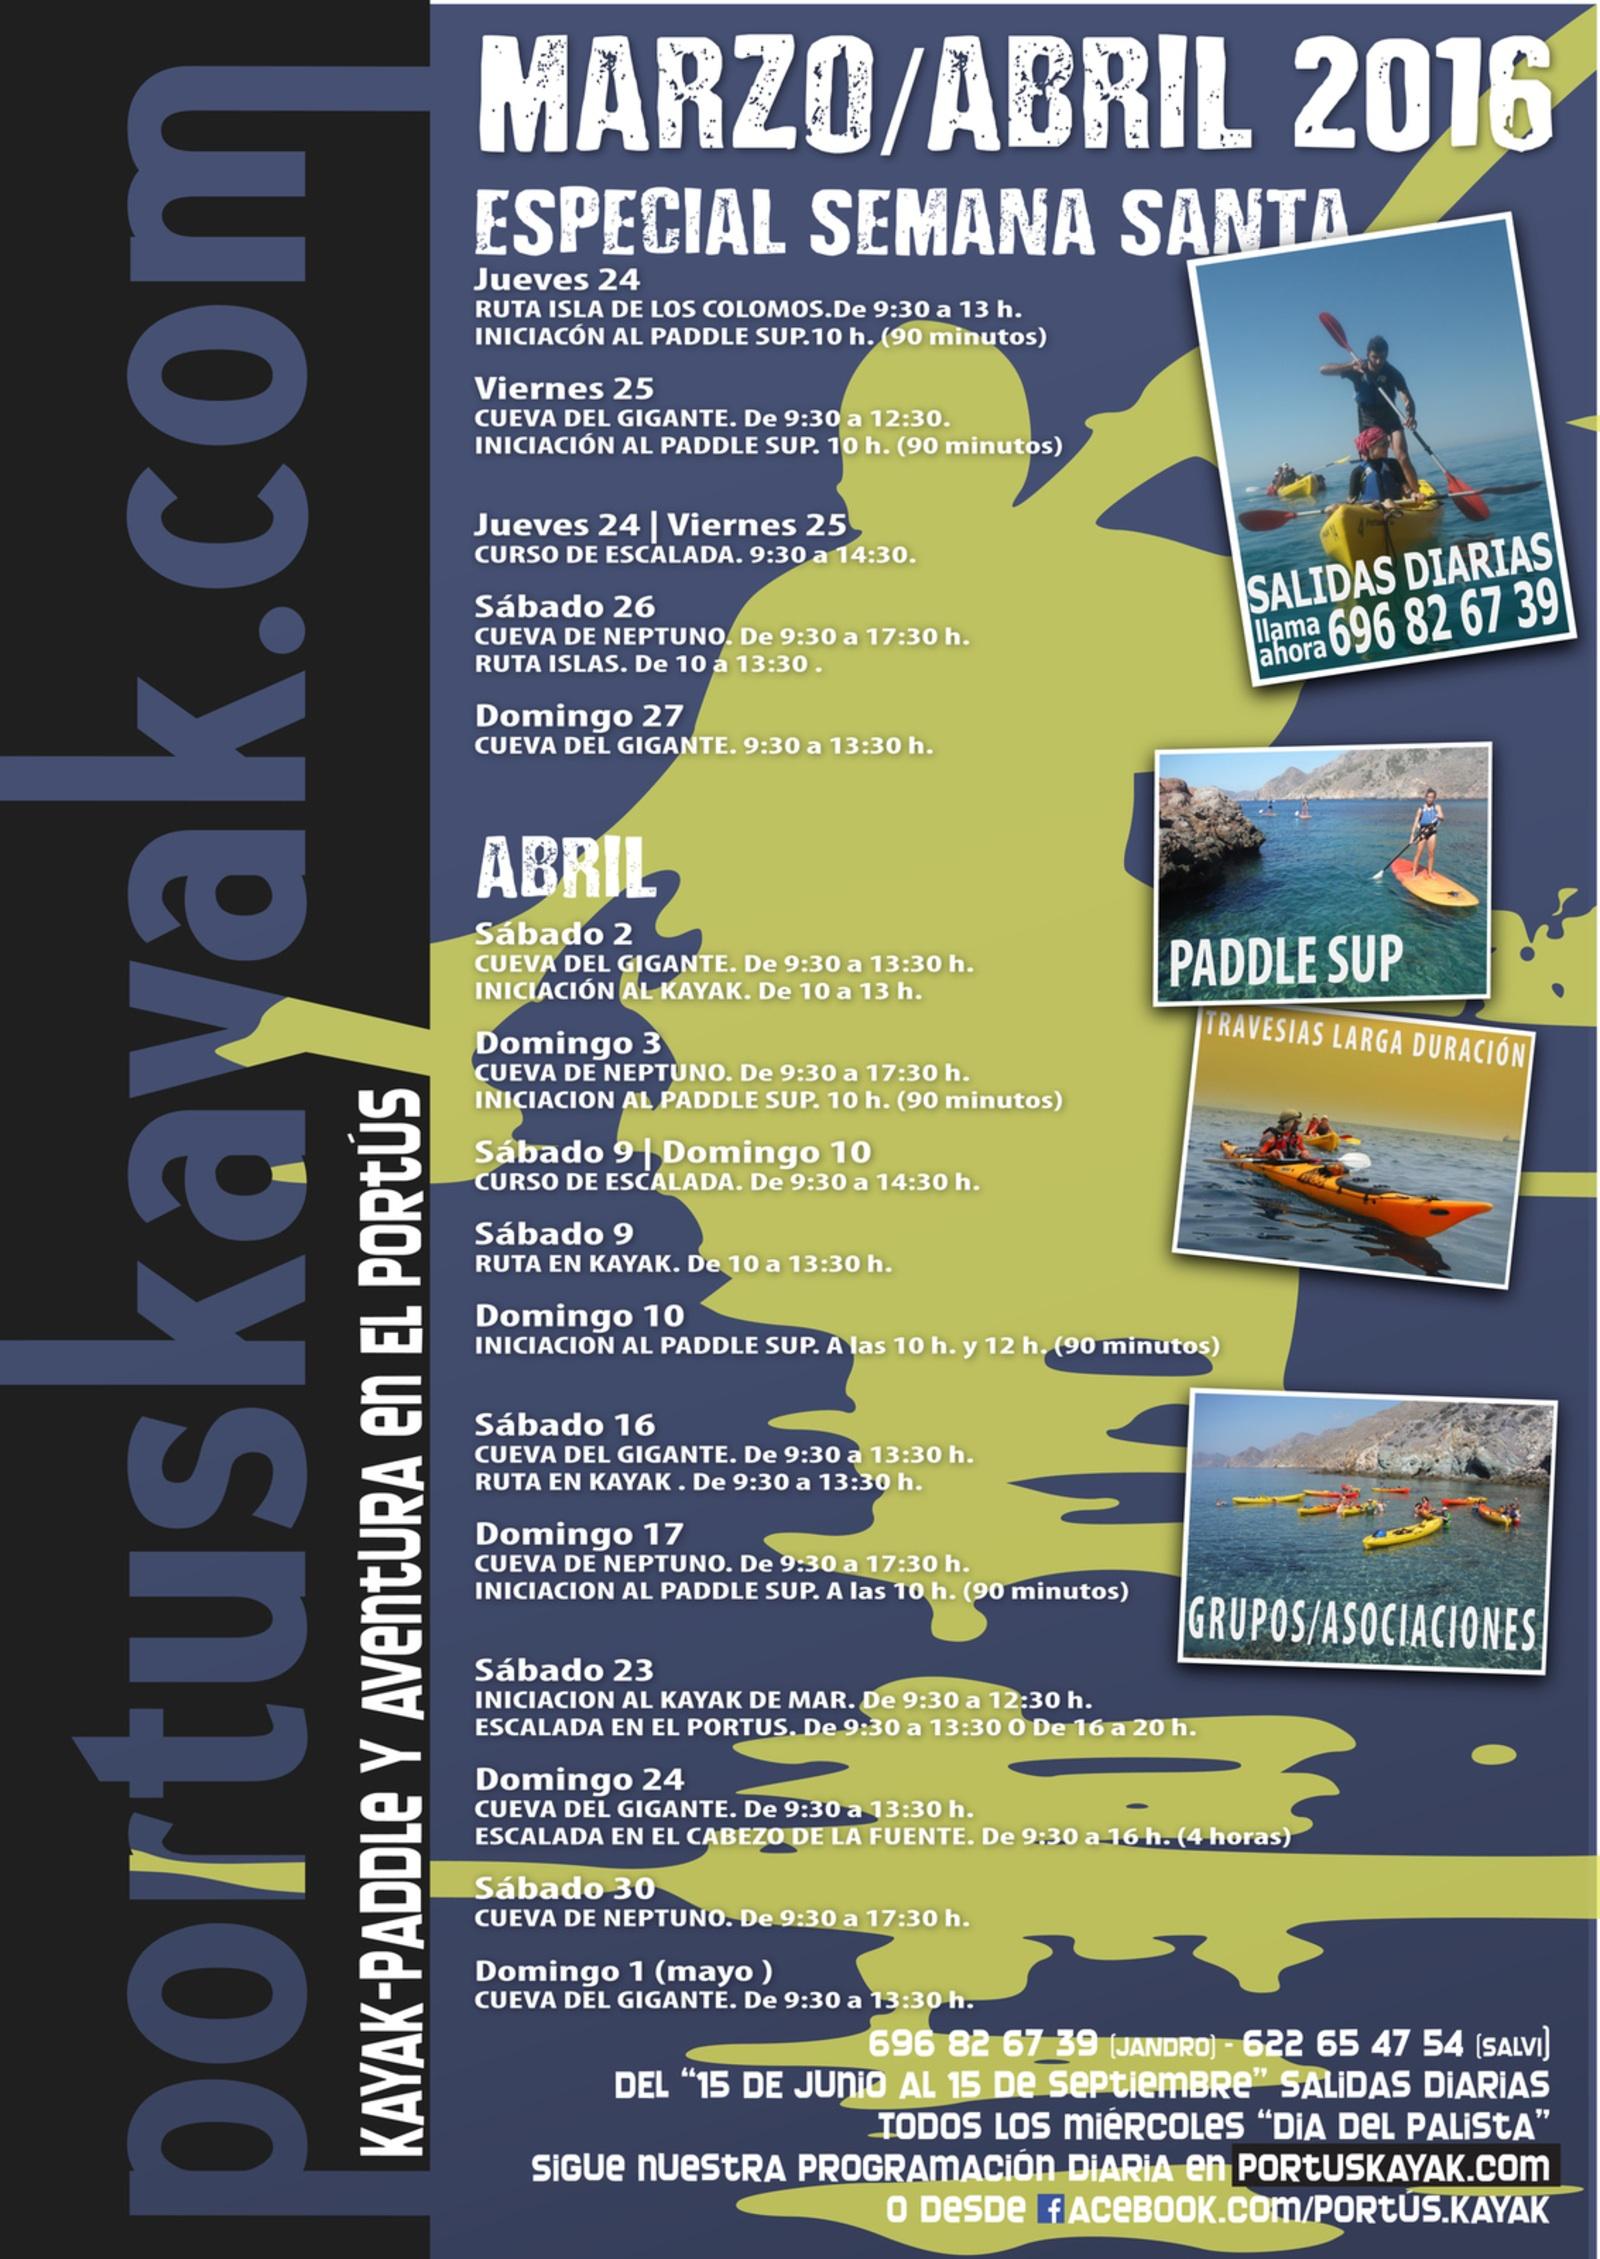 Programación de actividades de Portús Kayak en Marzo y Abril.